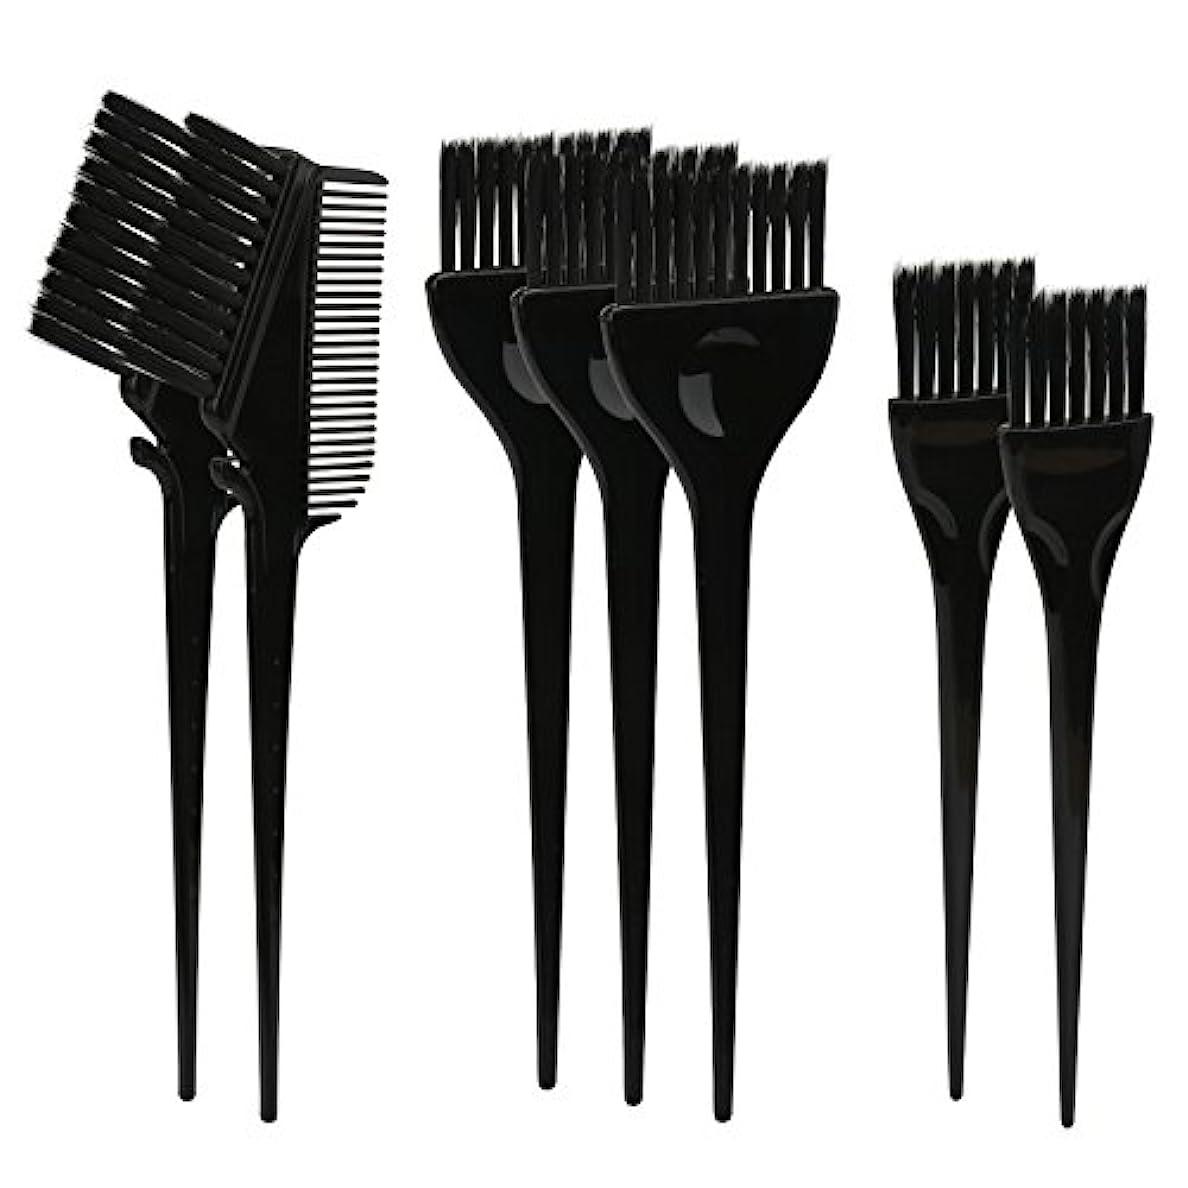 不確実パンチ名目上のSegbeauty ヘアカラー DIY プロ髪染め用のブラシ 7pcs 美髪師用 サロン工具セット